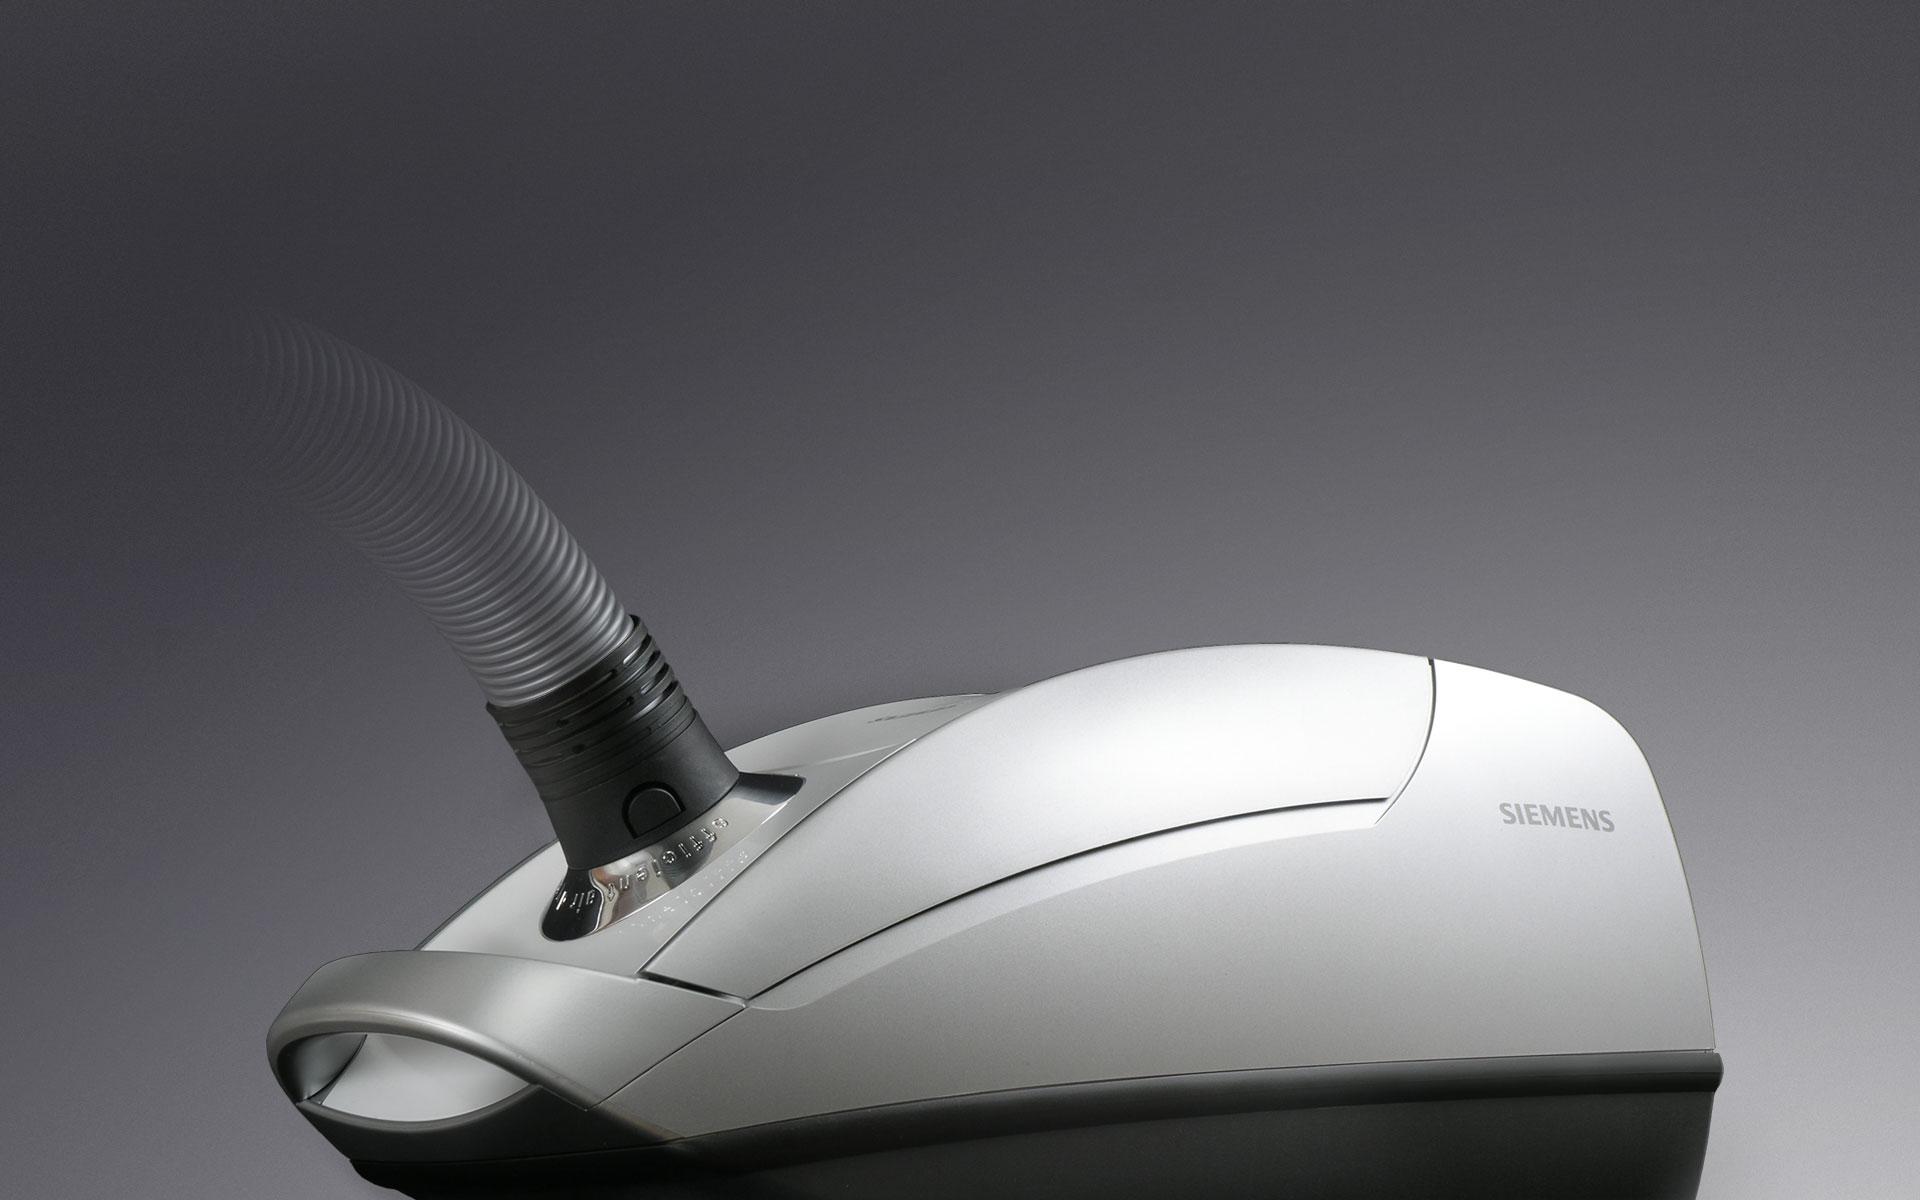 Produktdesigner d+e entwerfen Staubsauger SIEMENS «Z 6»